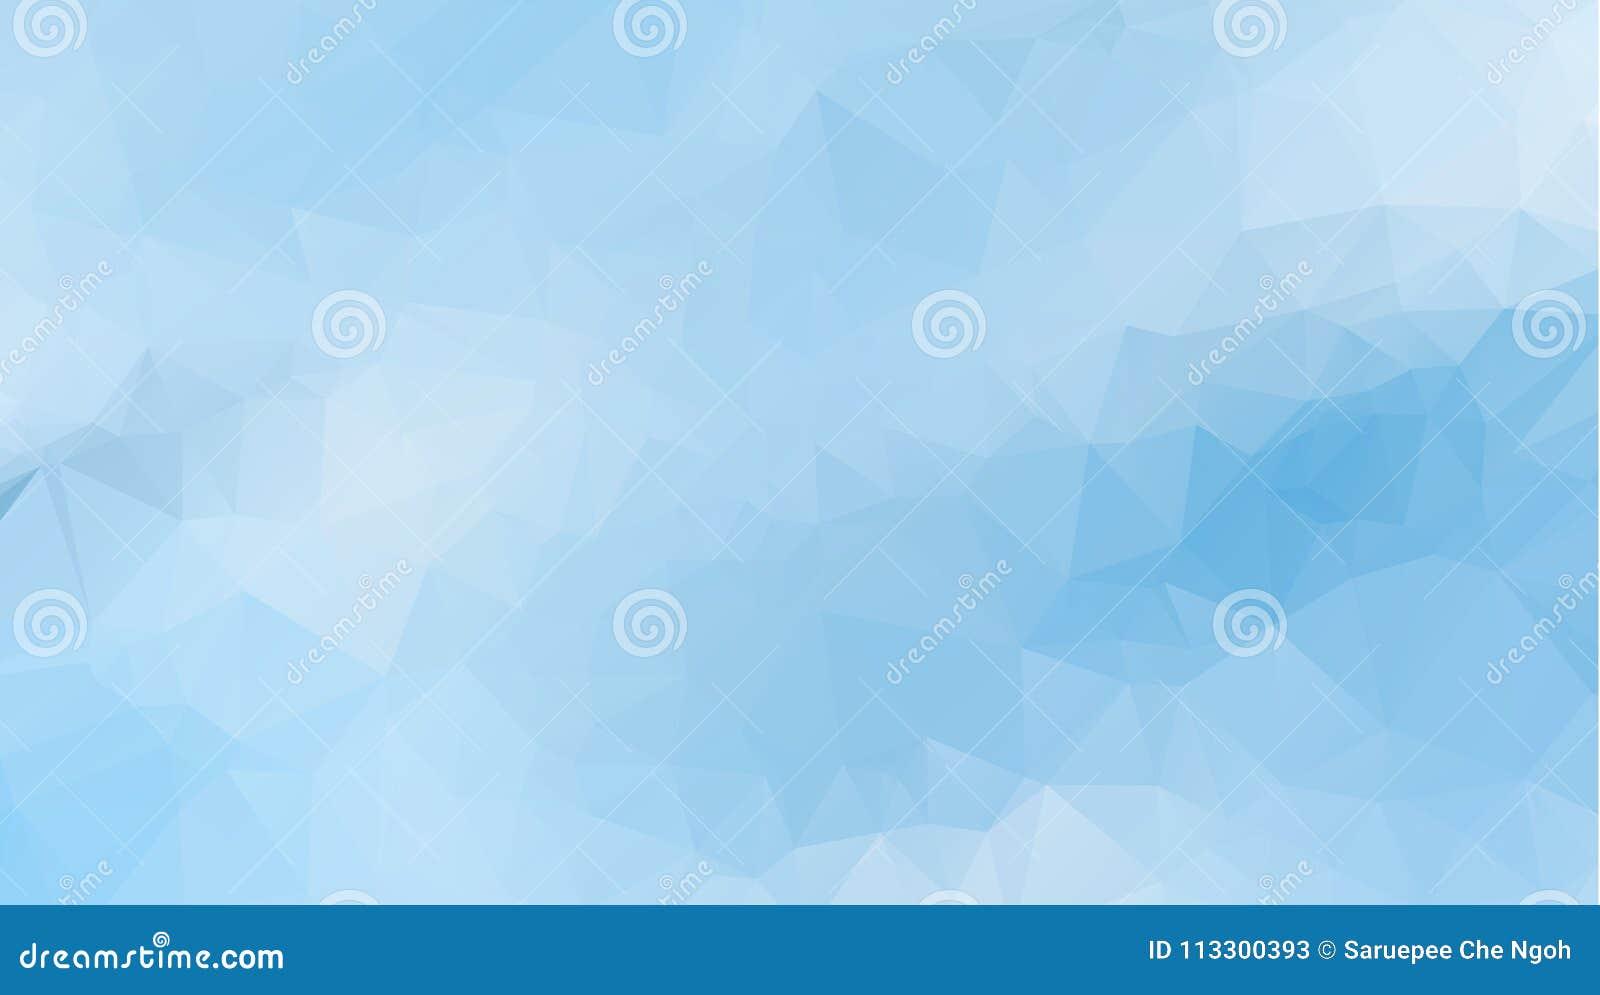 De vectorachtergrond van de Veelhoek Abstracte moderne Veelhoekige Geometrische Driehoek Blauwe lichte Geometrische Driehoeksacht